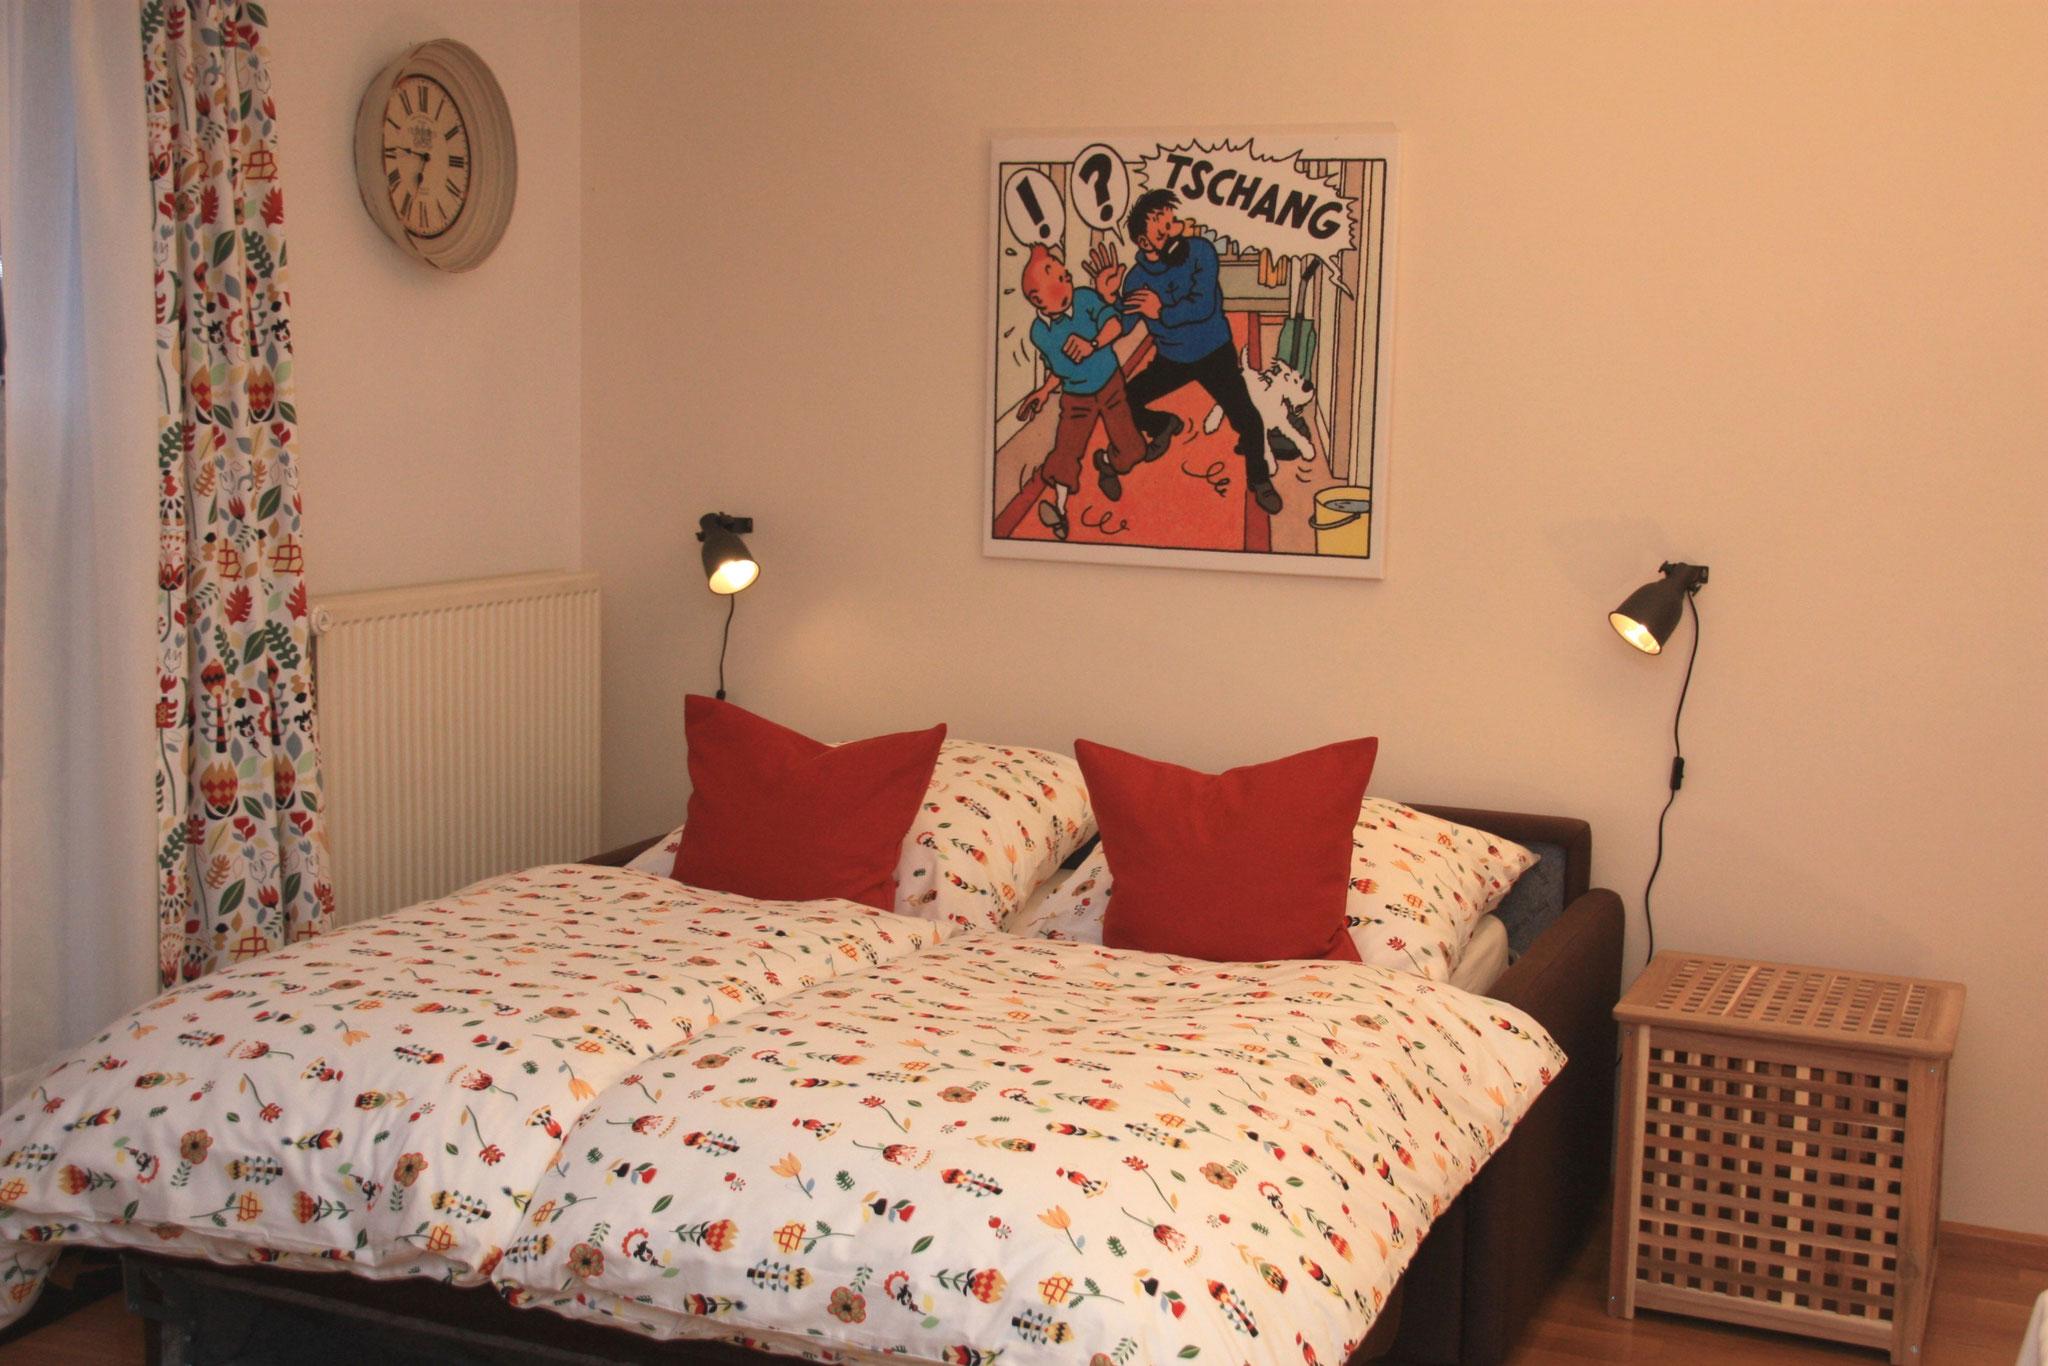 Das Doppelbett mit separater Matratze (1,40 x 2,00 m) im Wohnzimmer ...  | Het gerieflijke tweepersoonsbed met een separate matras (1,40 x 2,00 m) ...